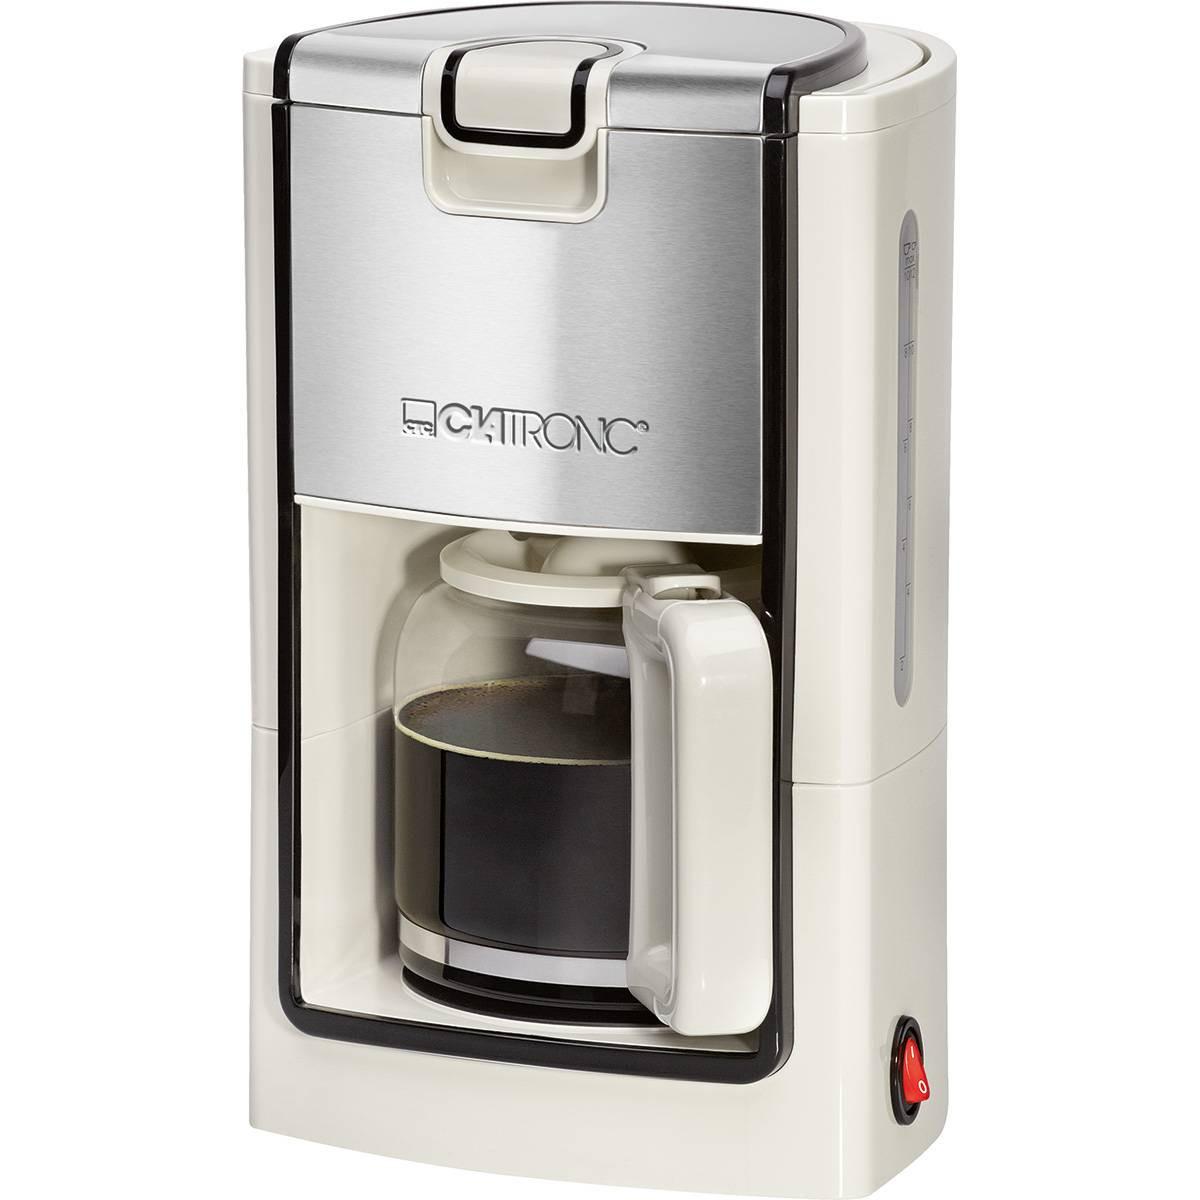 Clatronic KA 3558 - Cafetera eléctrica de goteo, capacidad de 8 a 10 tazas, 1,2 l, 900 W, color crema y plata